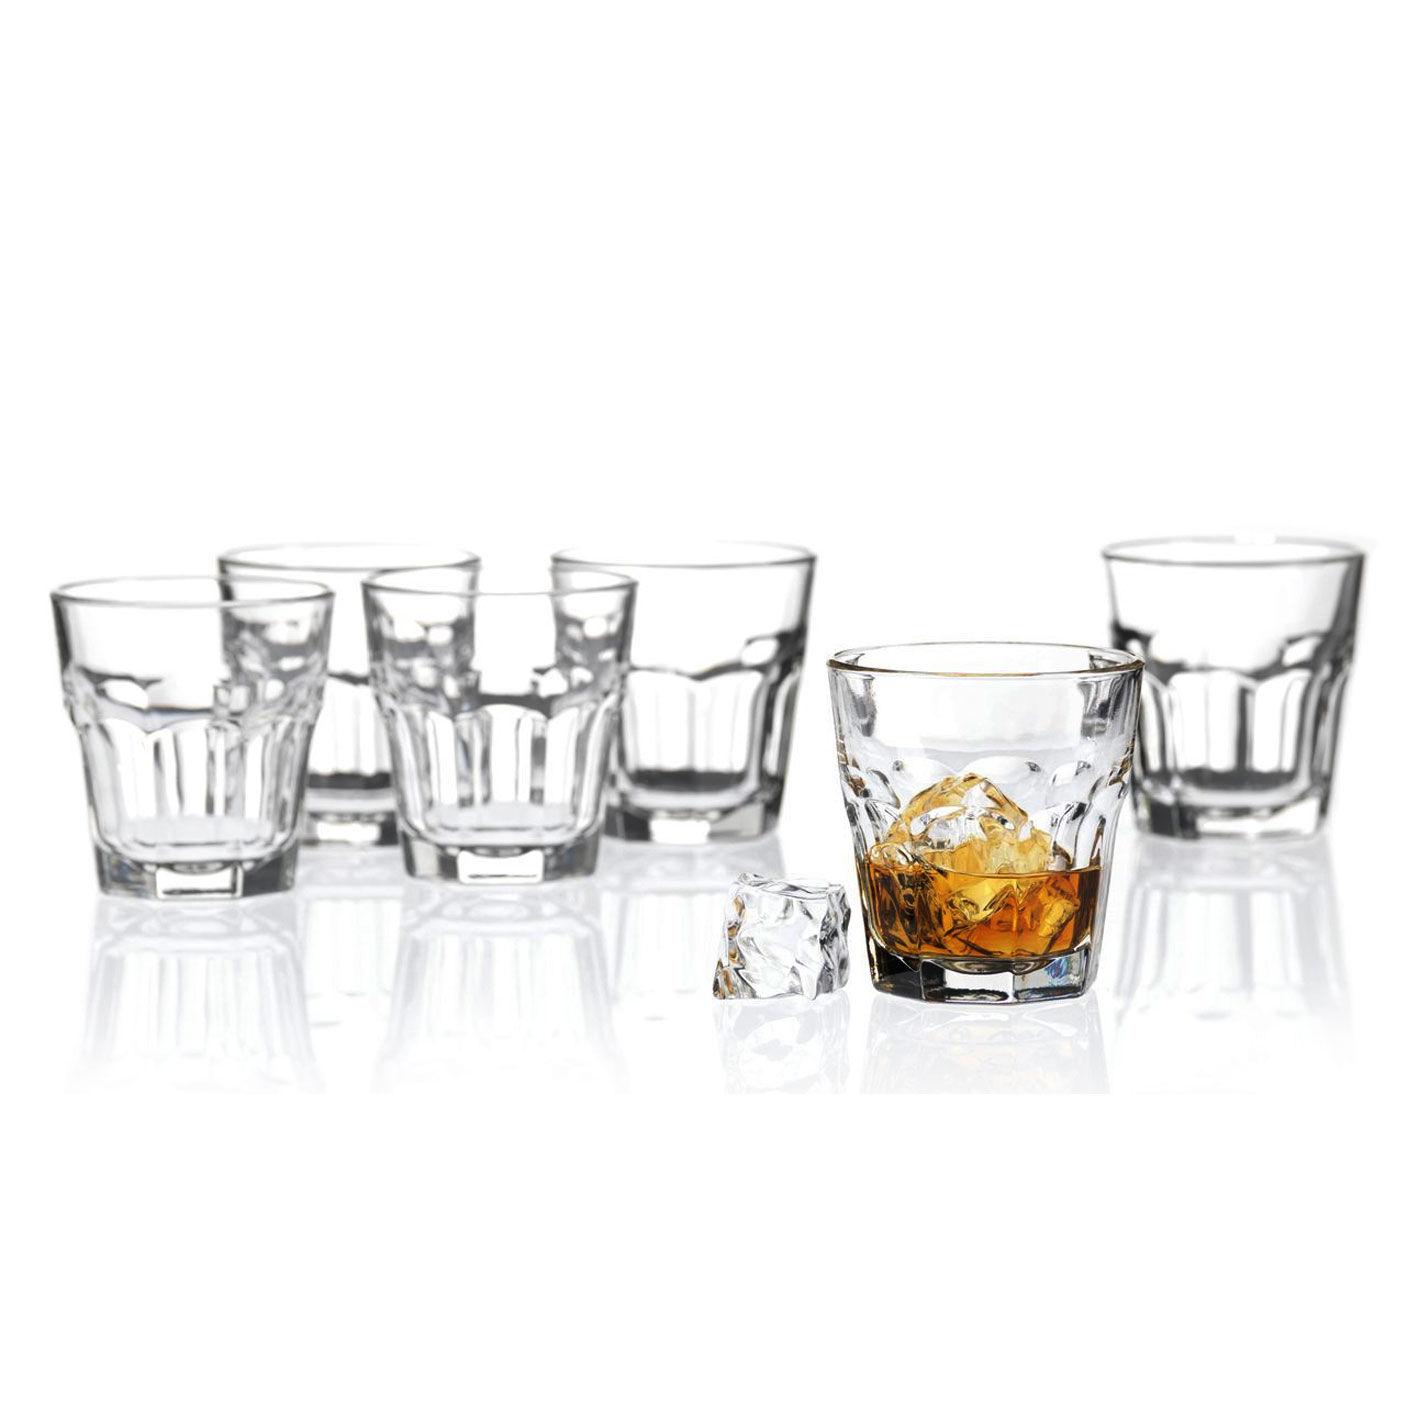 Cocktail Glaser Libbey Whiskybecher Rocks 26cl Gehartetes Shooter Glas